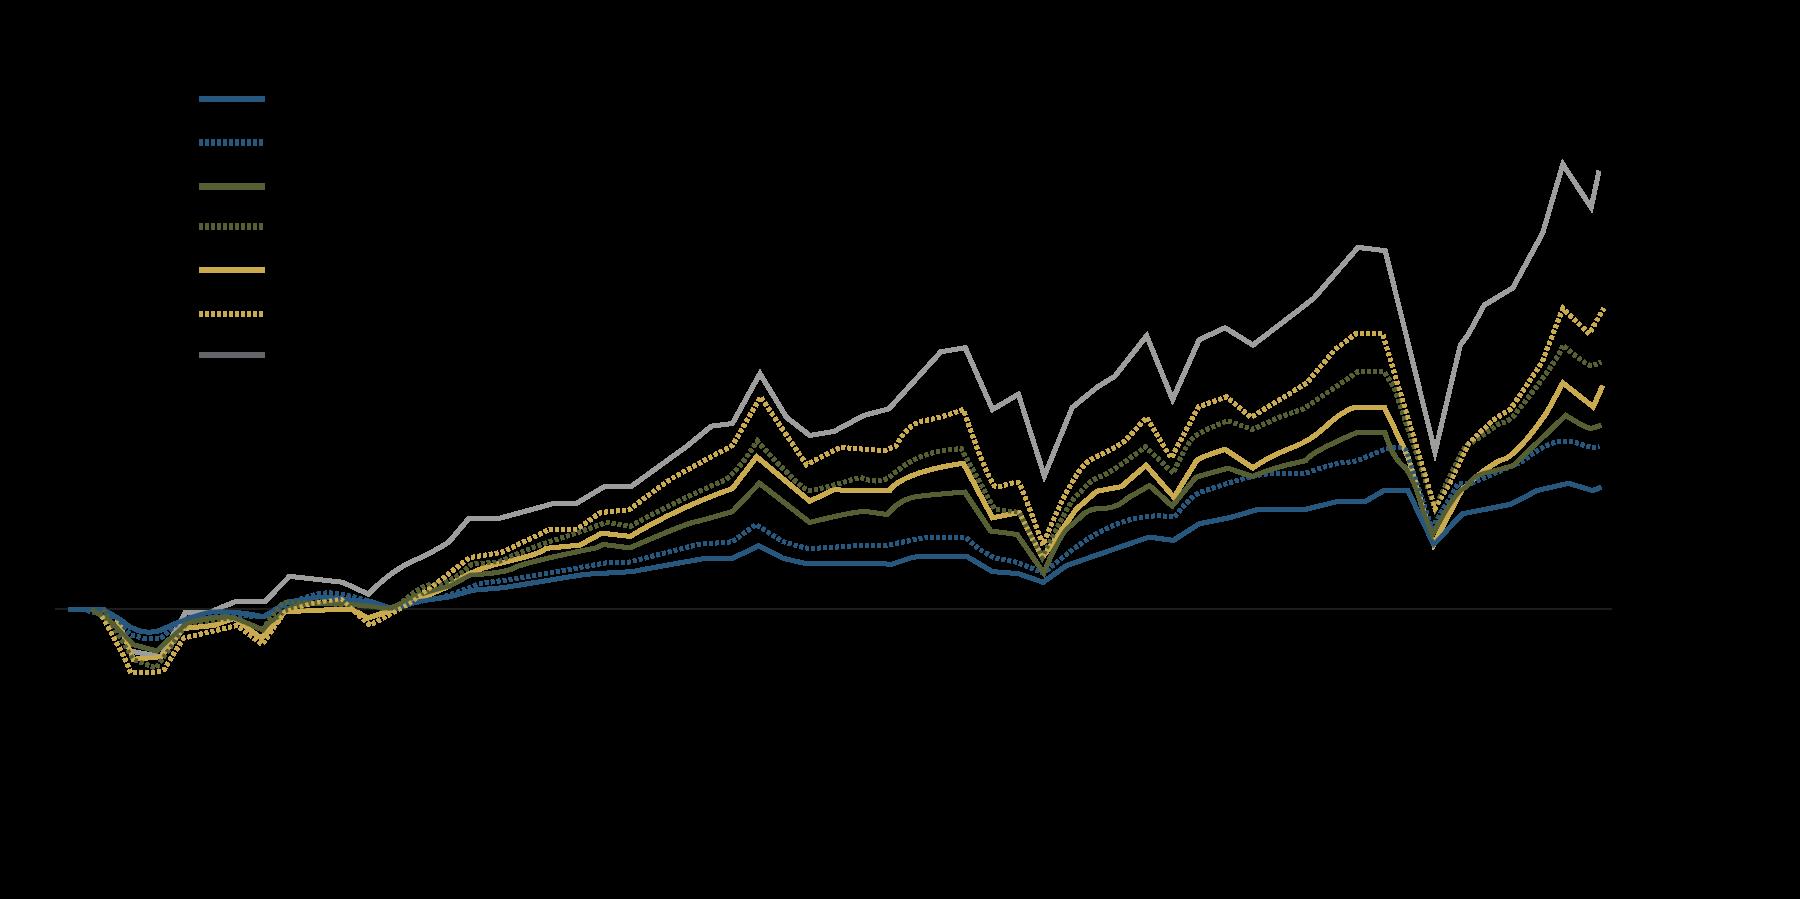 Questo grafico mostra come un effetto leva modesto faccia aumentare i rendimenti tracciando l'andamento di tre strategie distinte e dell'S&P 500. In ogni caso, l'inserimento di un effetto leva contenuto potenzia i rendimenti senza dover modificare la combinazione di attivi sottostanti.